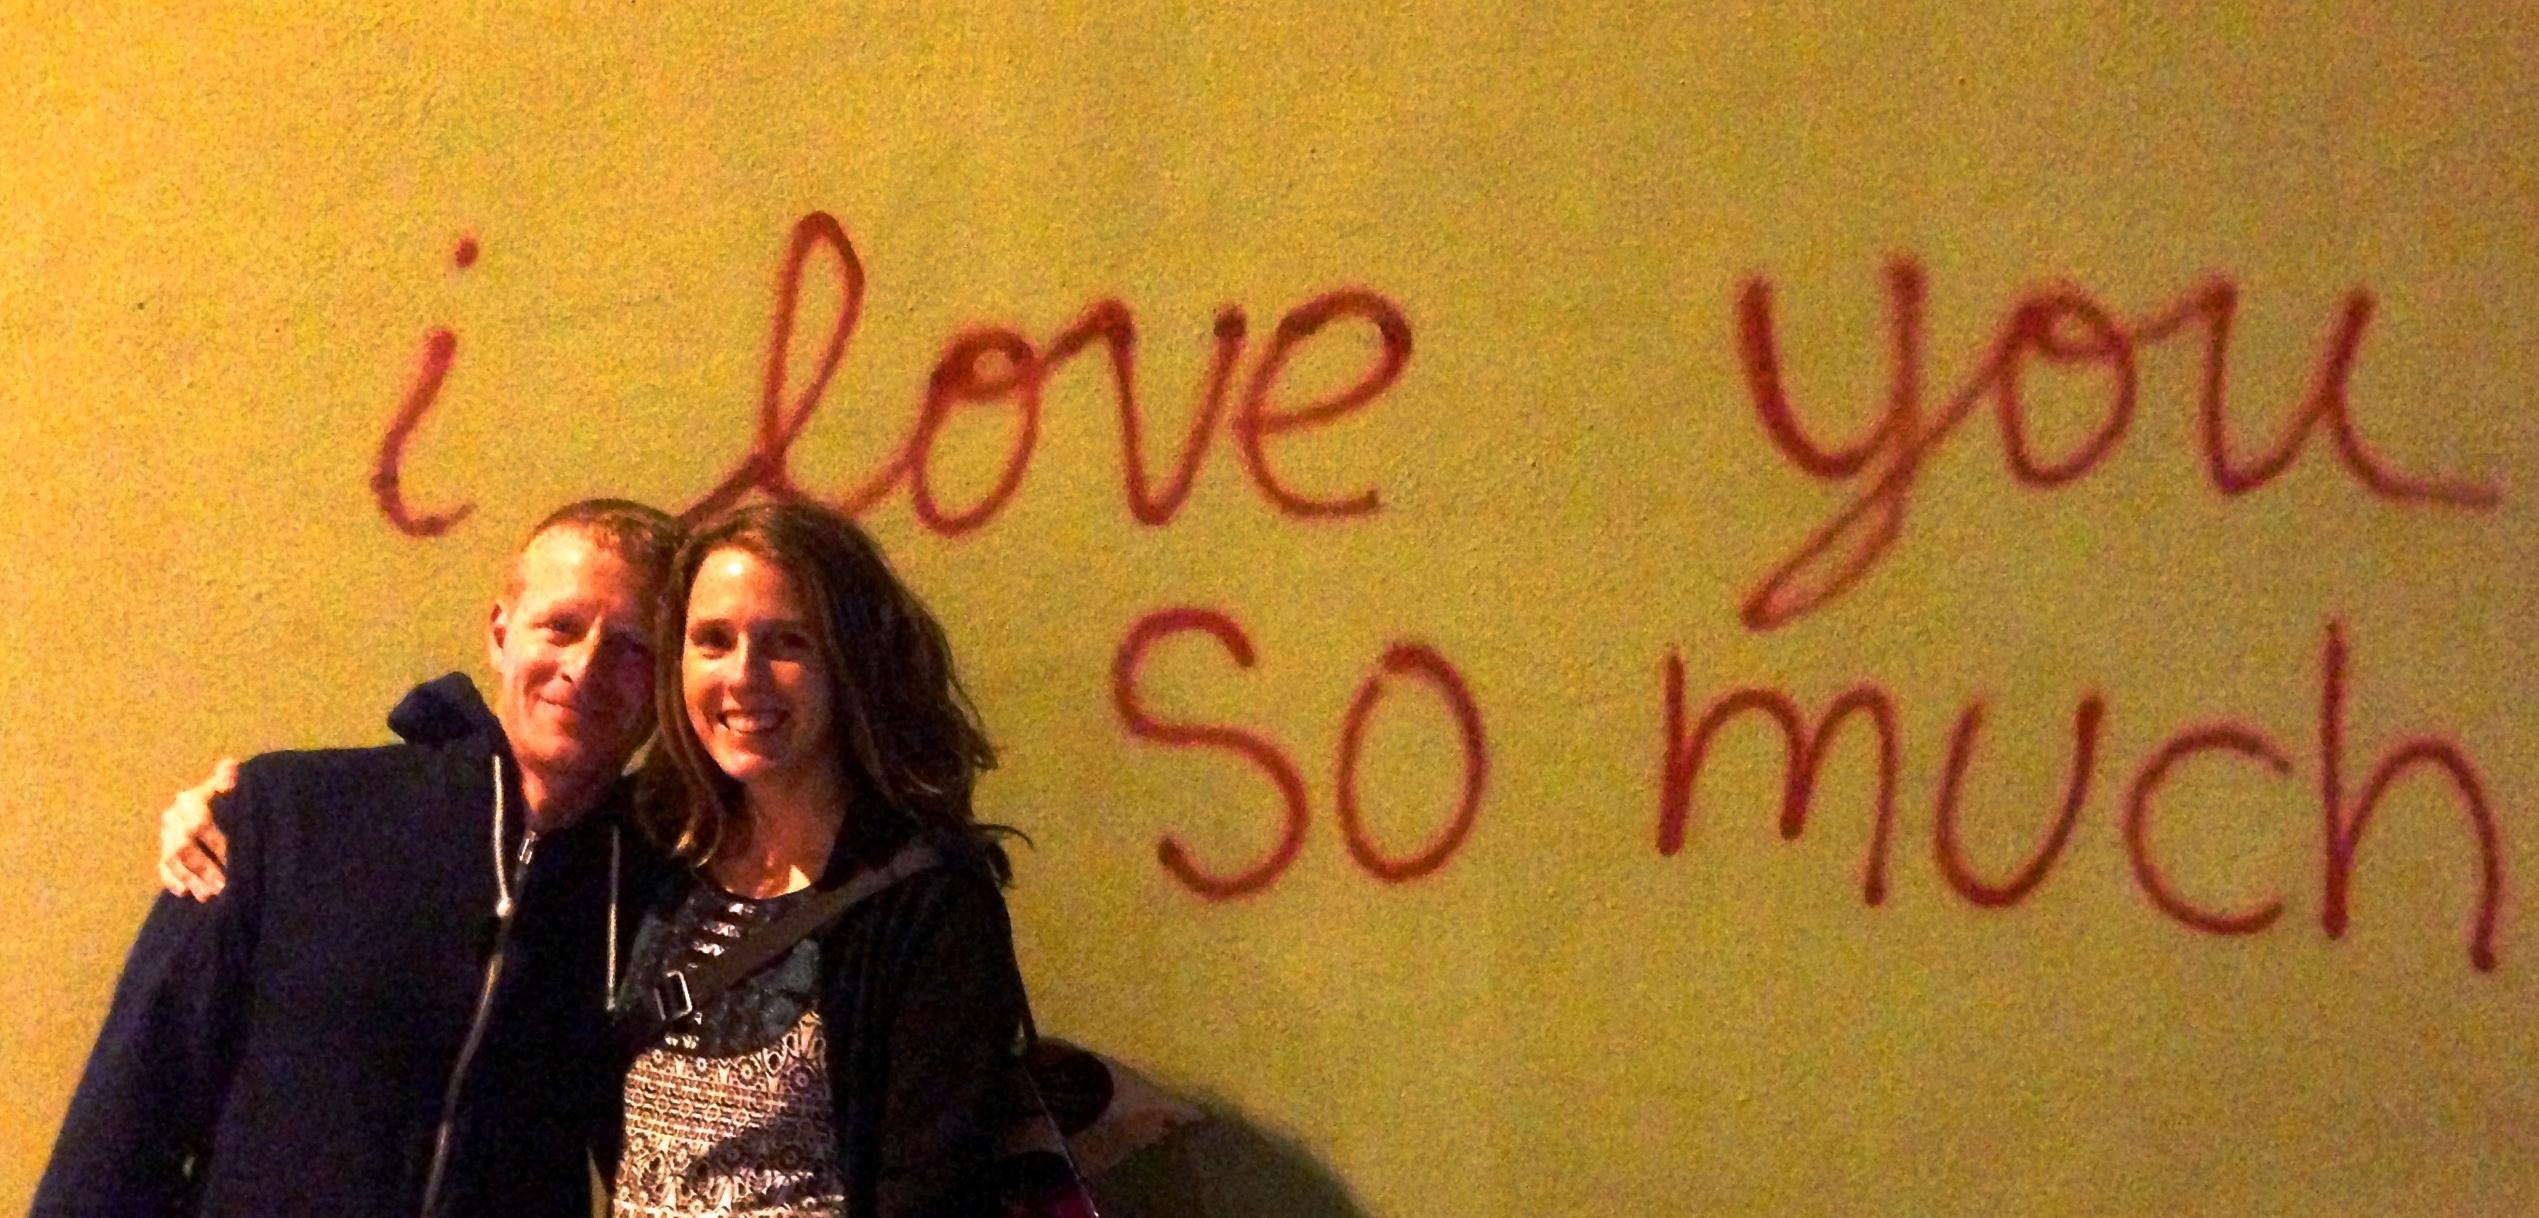 I love you so much_ Austin graffiti